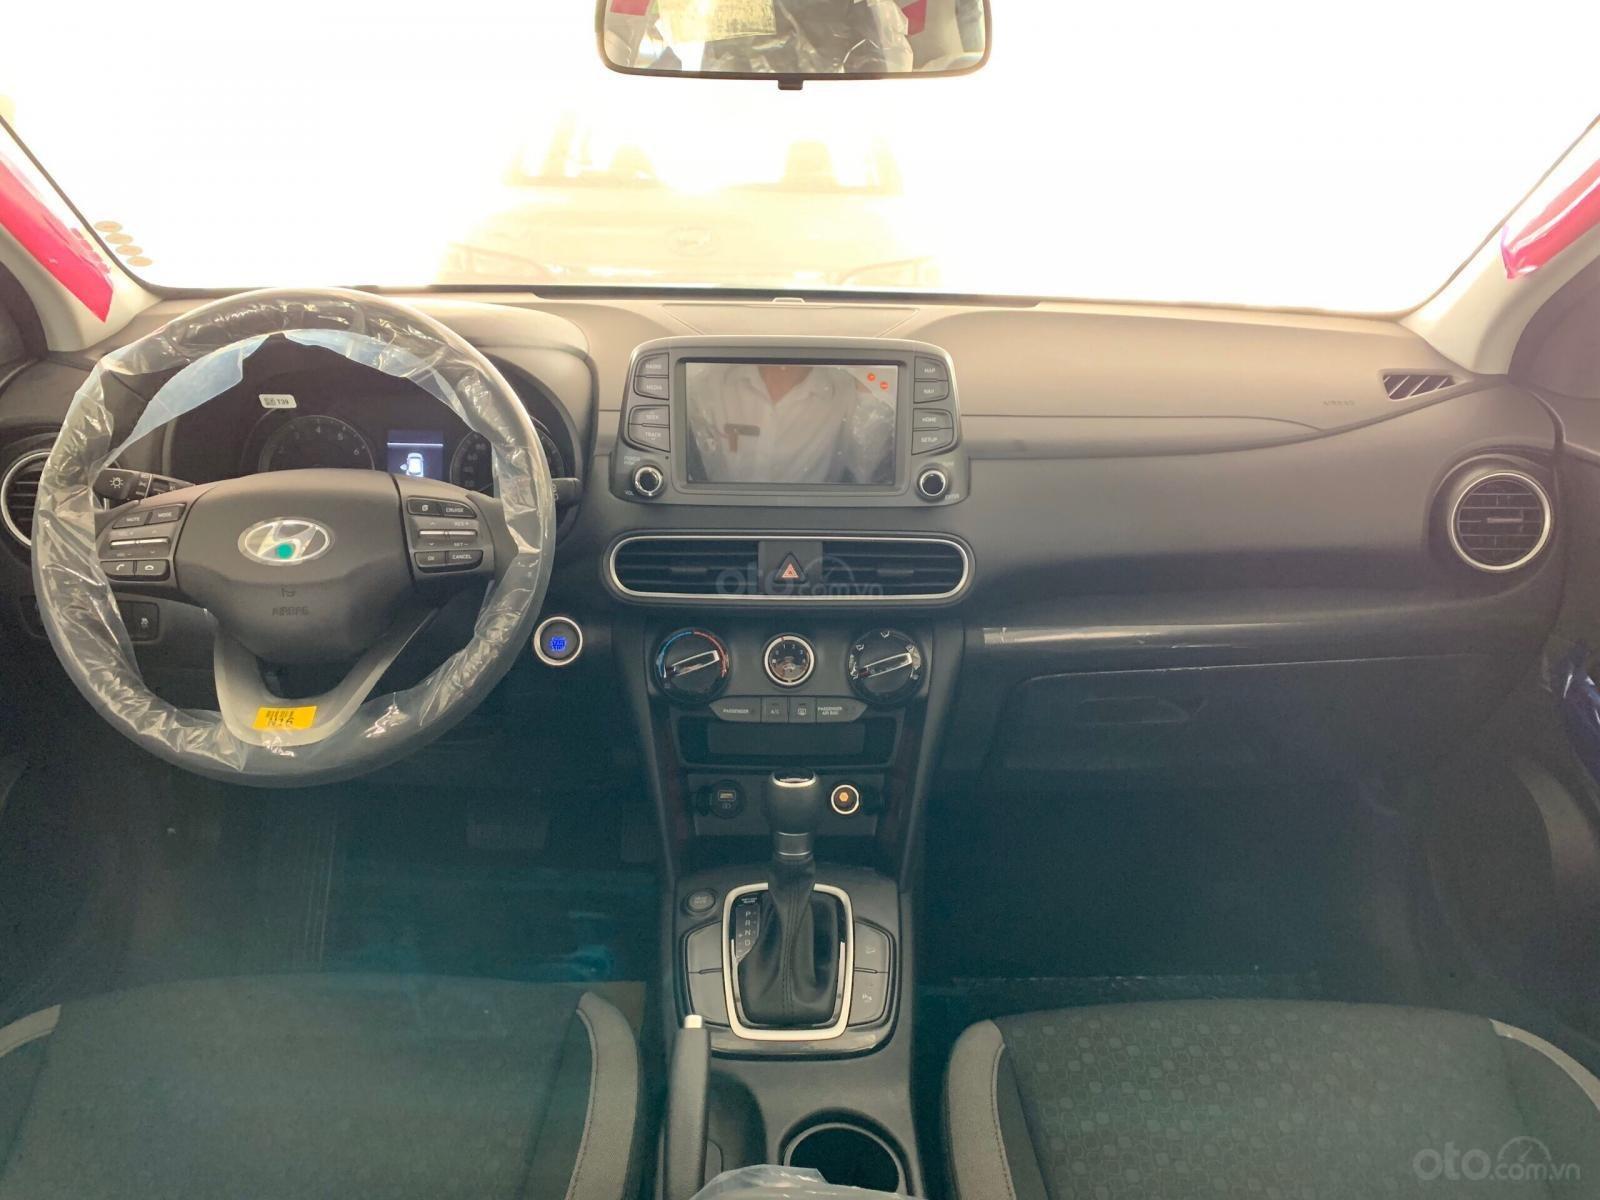 Hyundai Kona tiêu chuẩn_0986689893 (2)